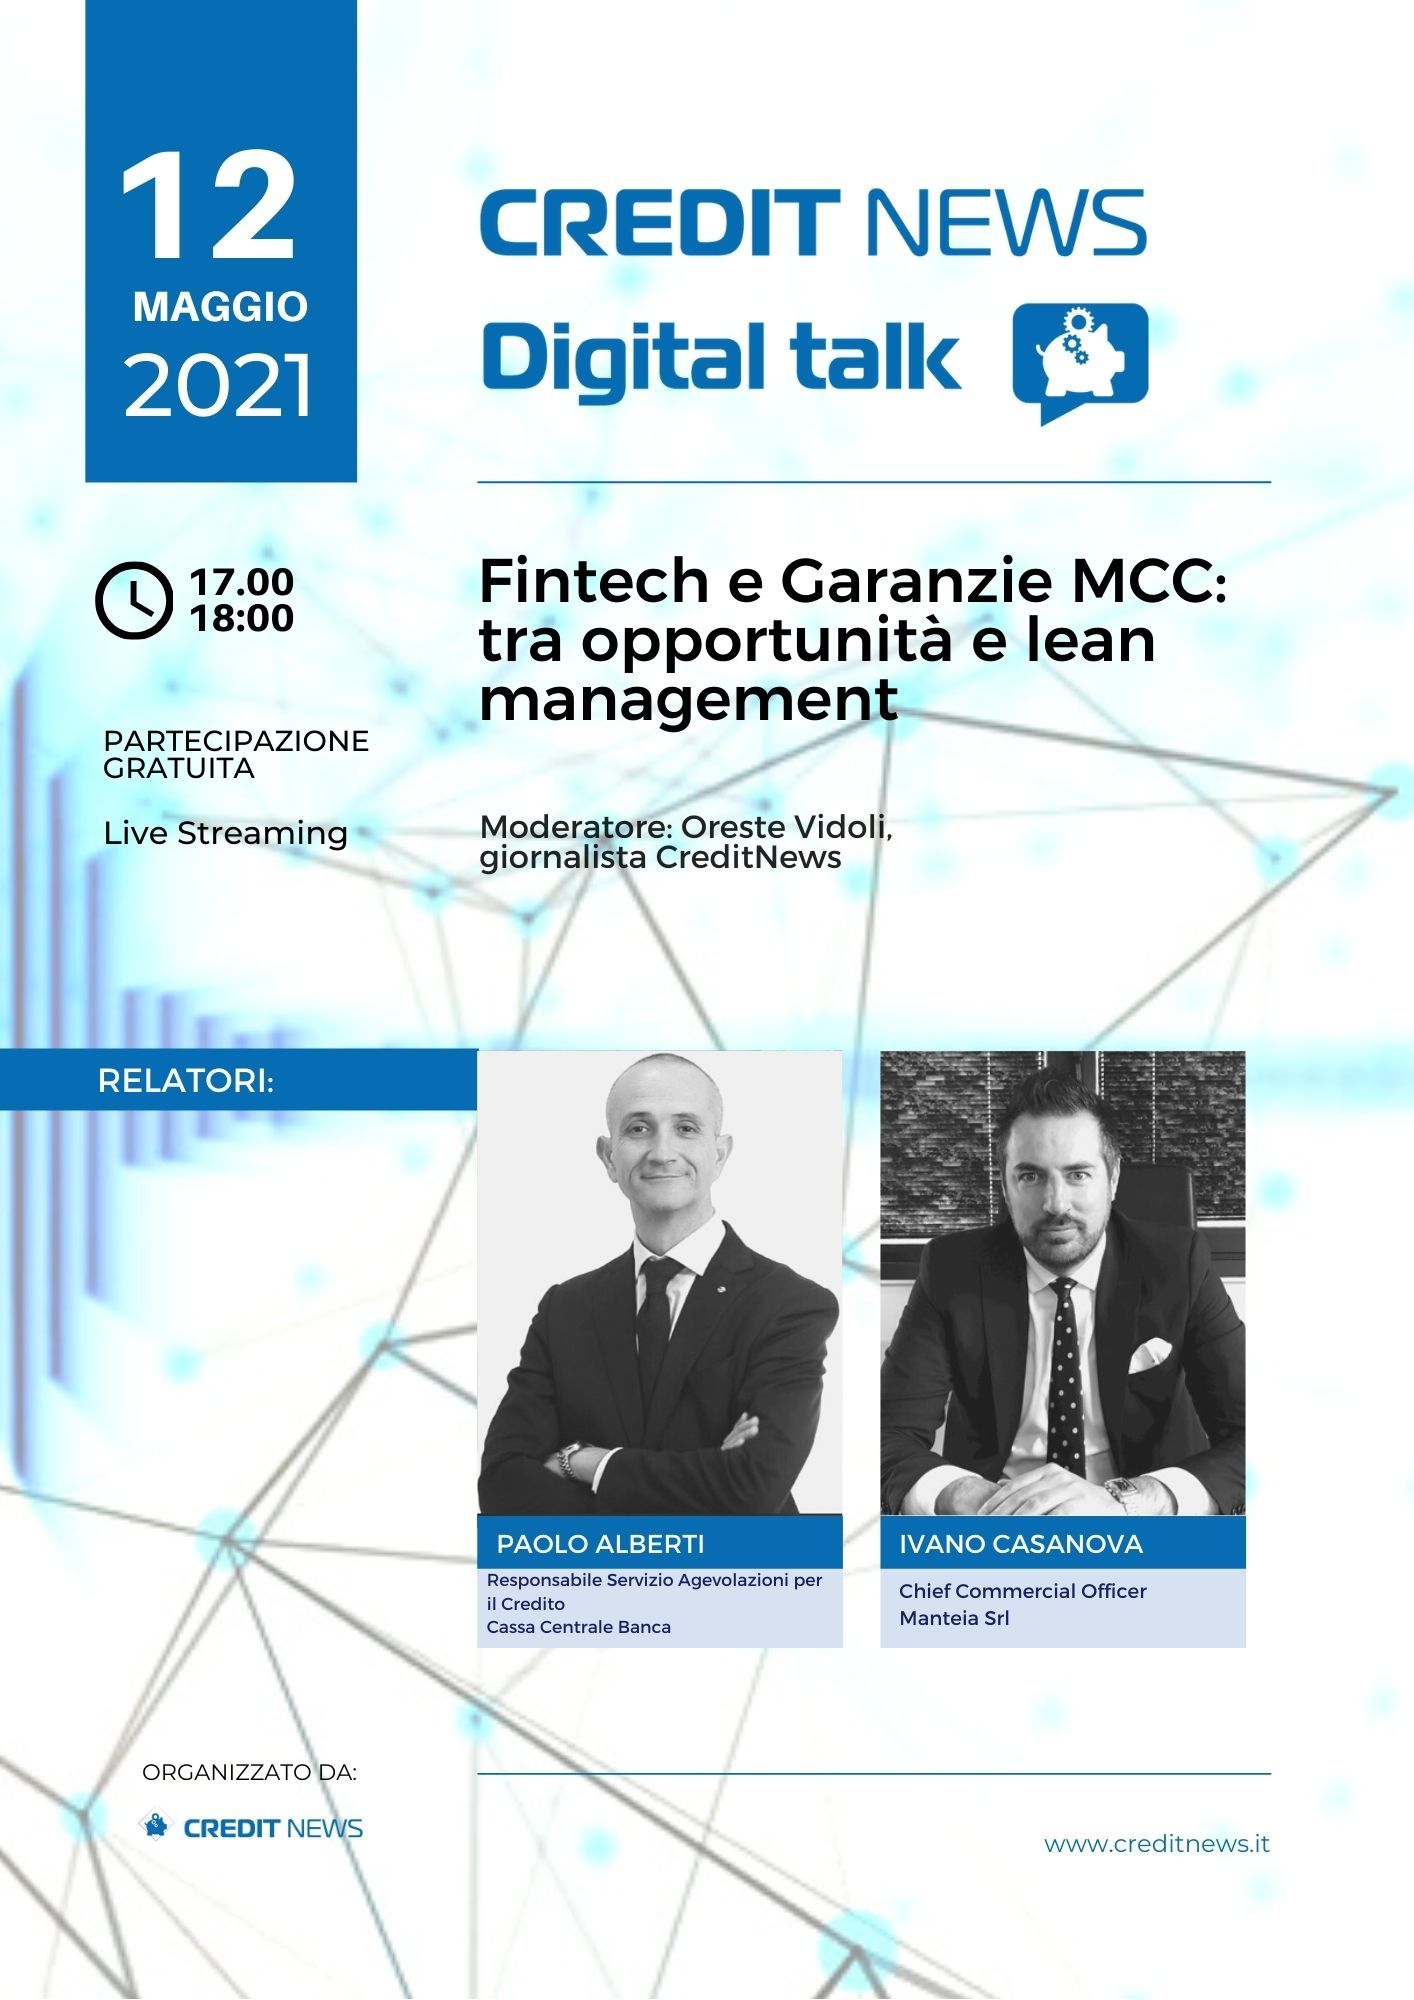 Fintech e Garanzie MCC: tra opportunità e lean management